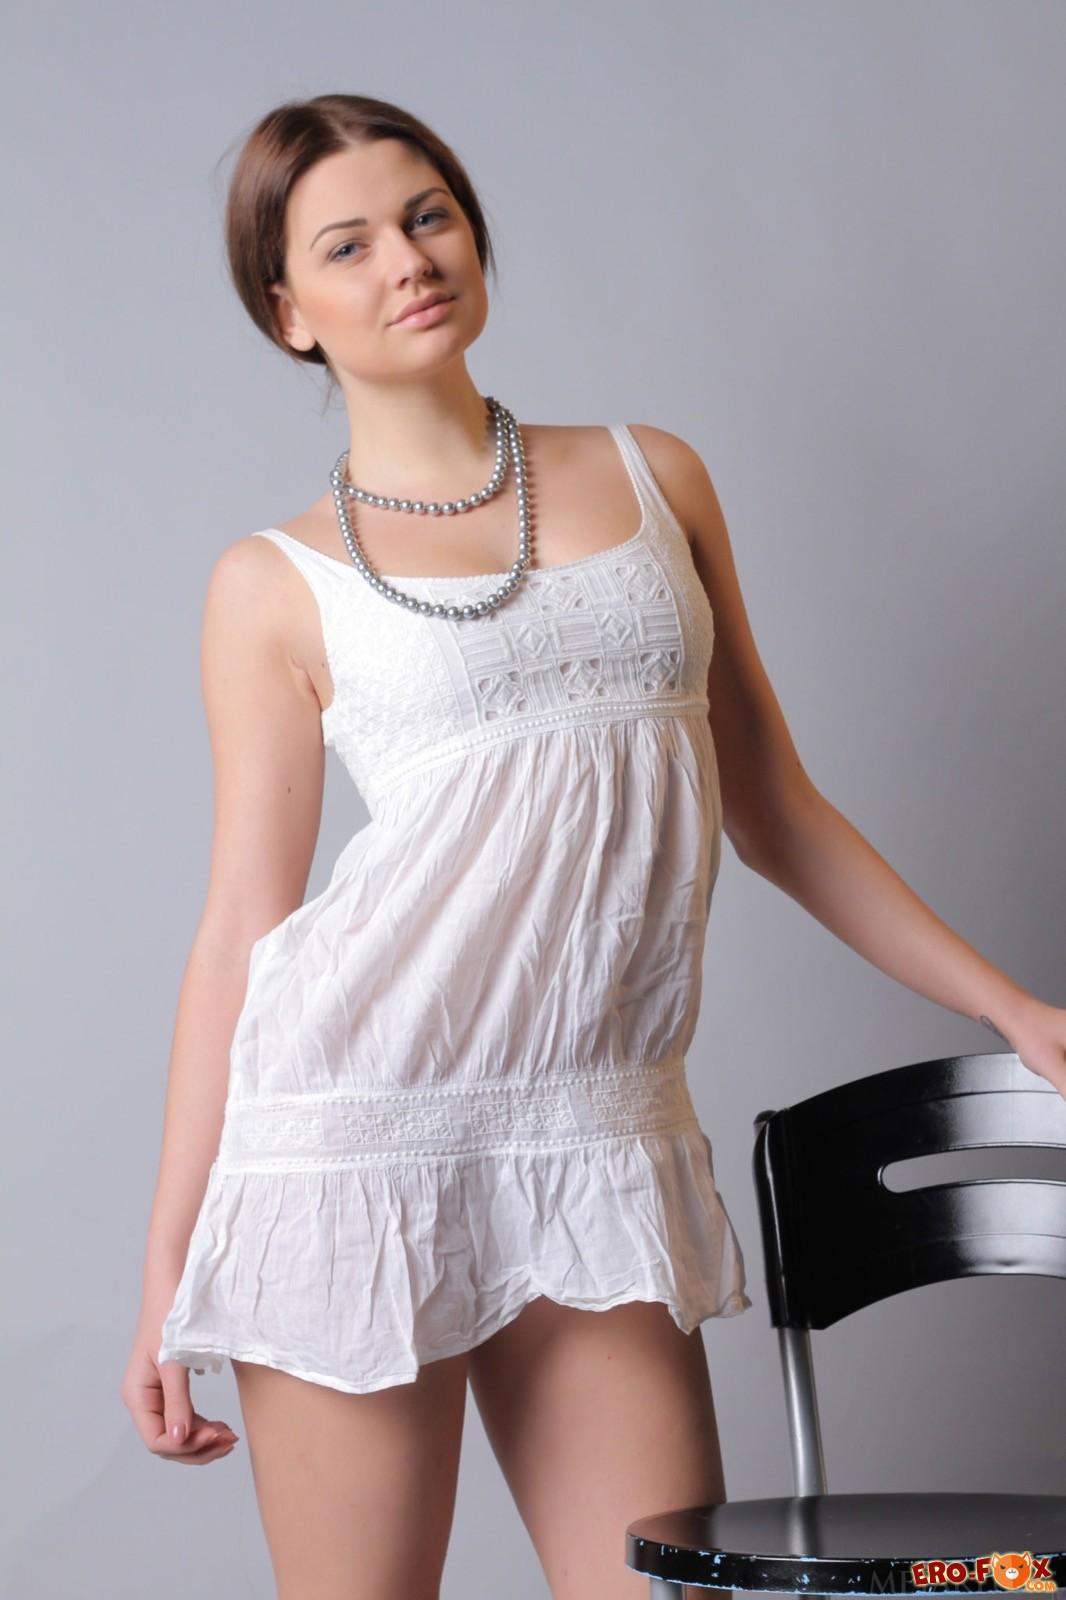 Симпатичная модель возбуждающе сняла платье и трусы